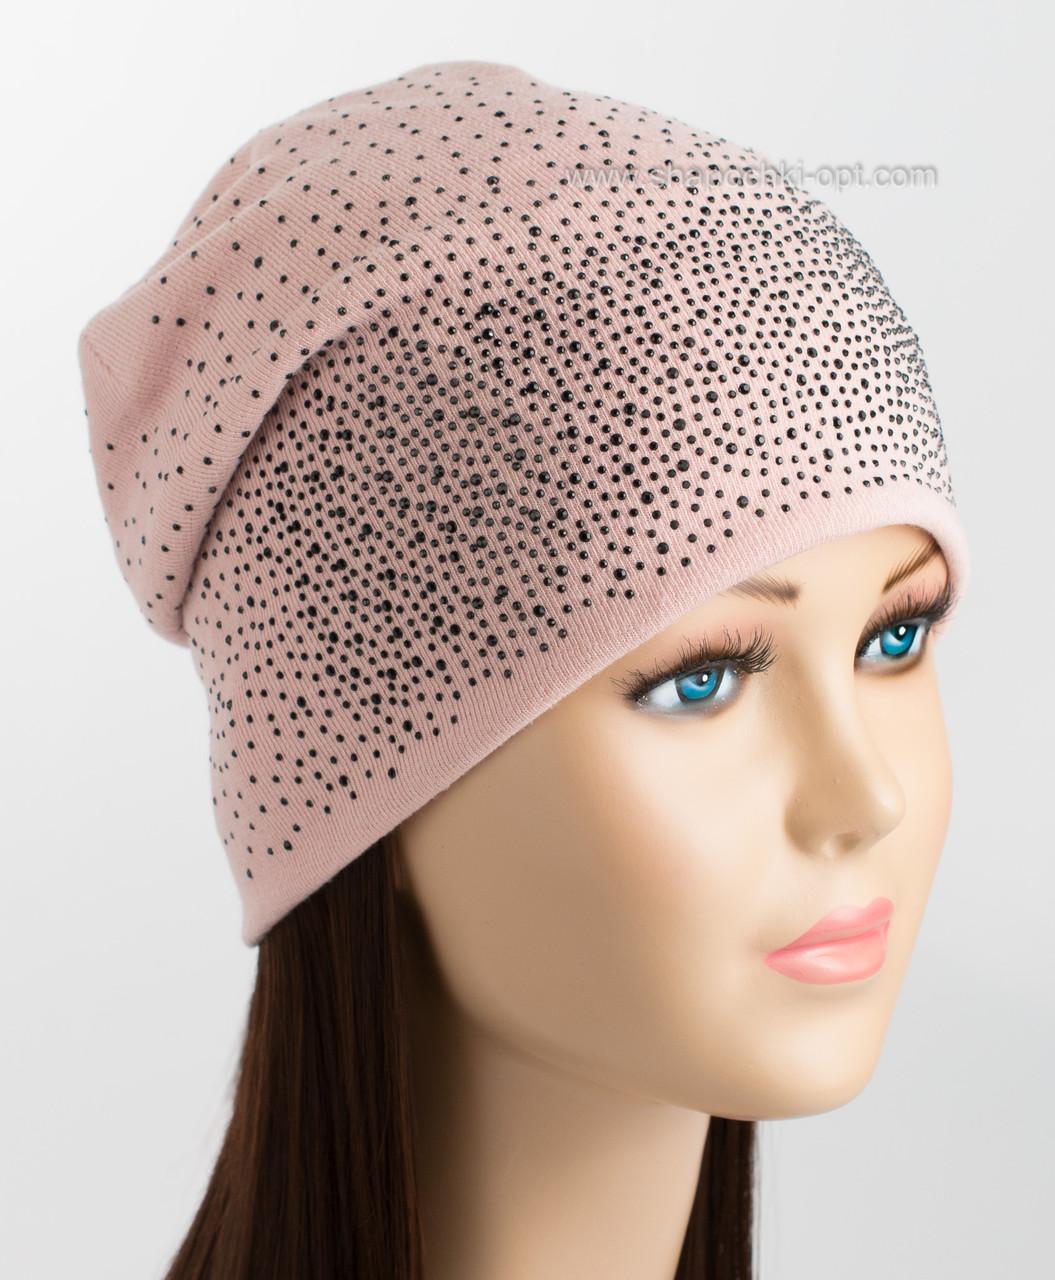 5cbbaa45b429 Демисезонная женская шапка с черными стразами Снег пудра-персик: продажа,  цена в ...